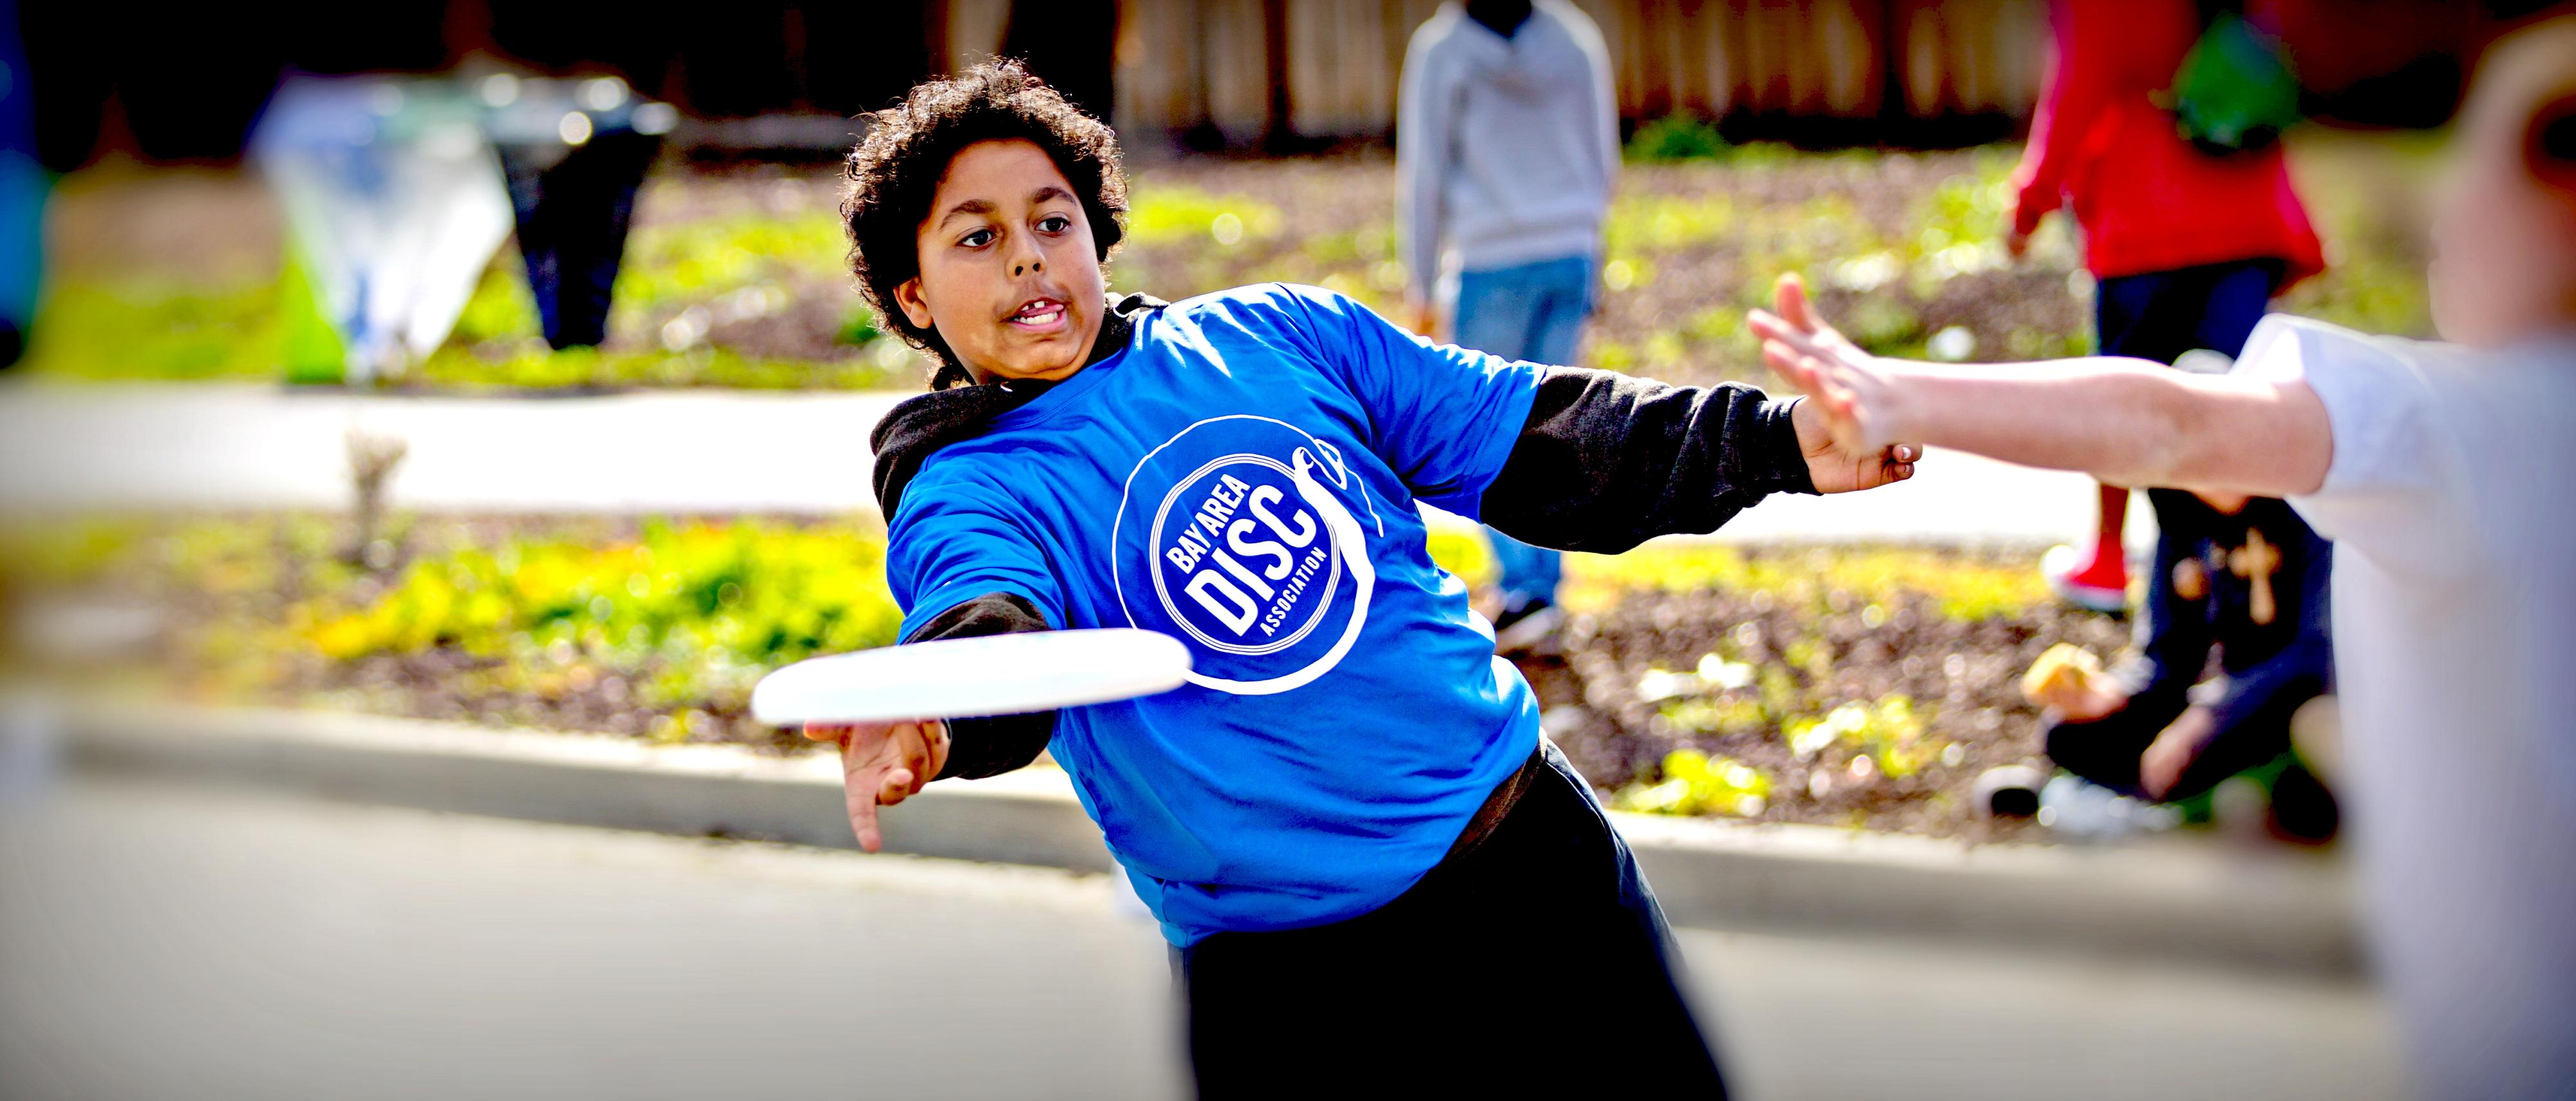 Oakland Frisbee Fest